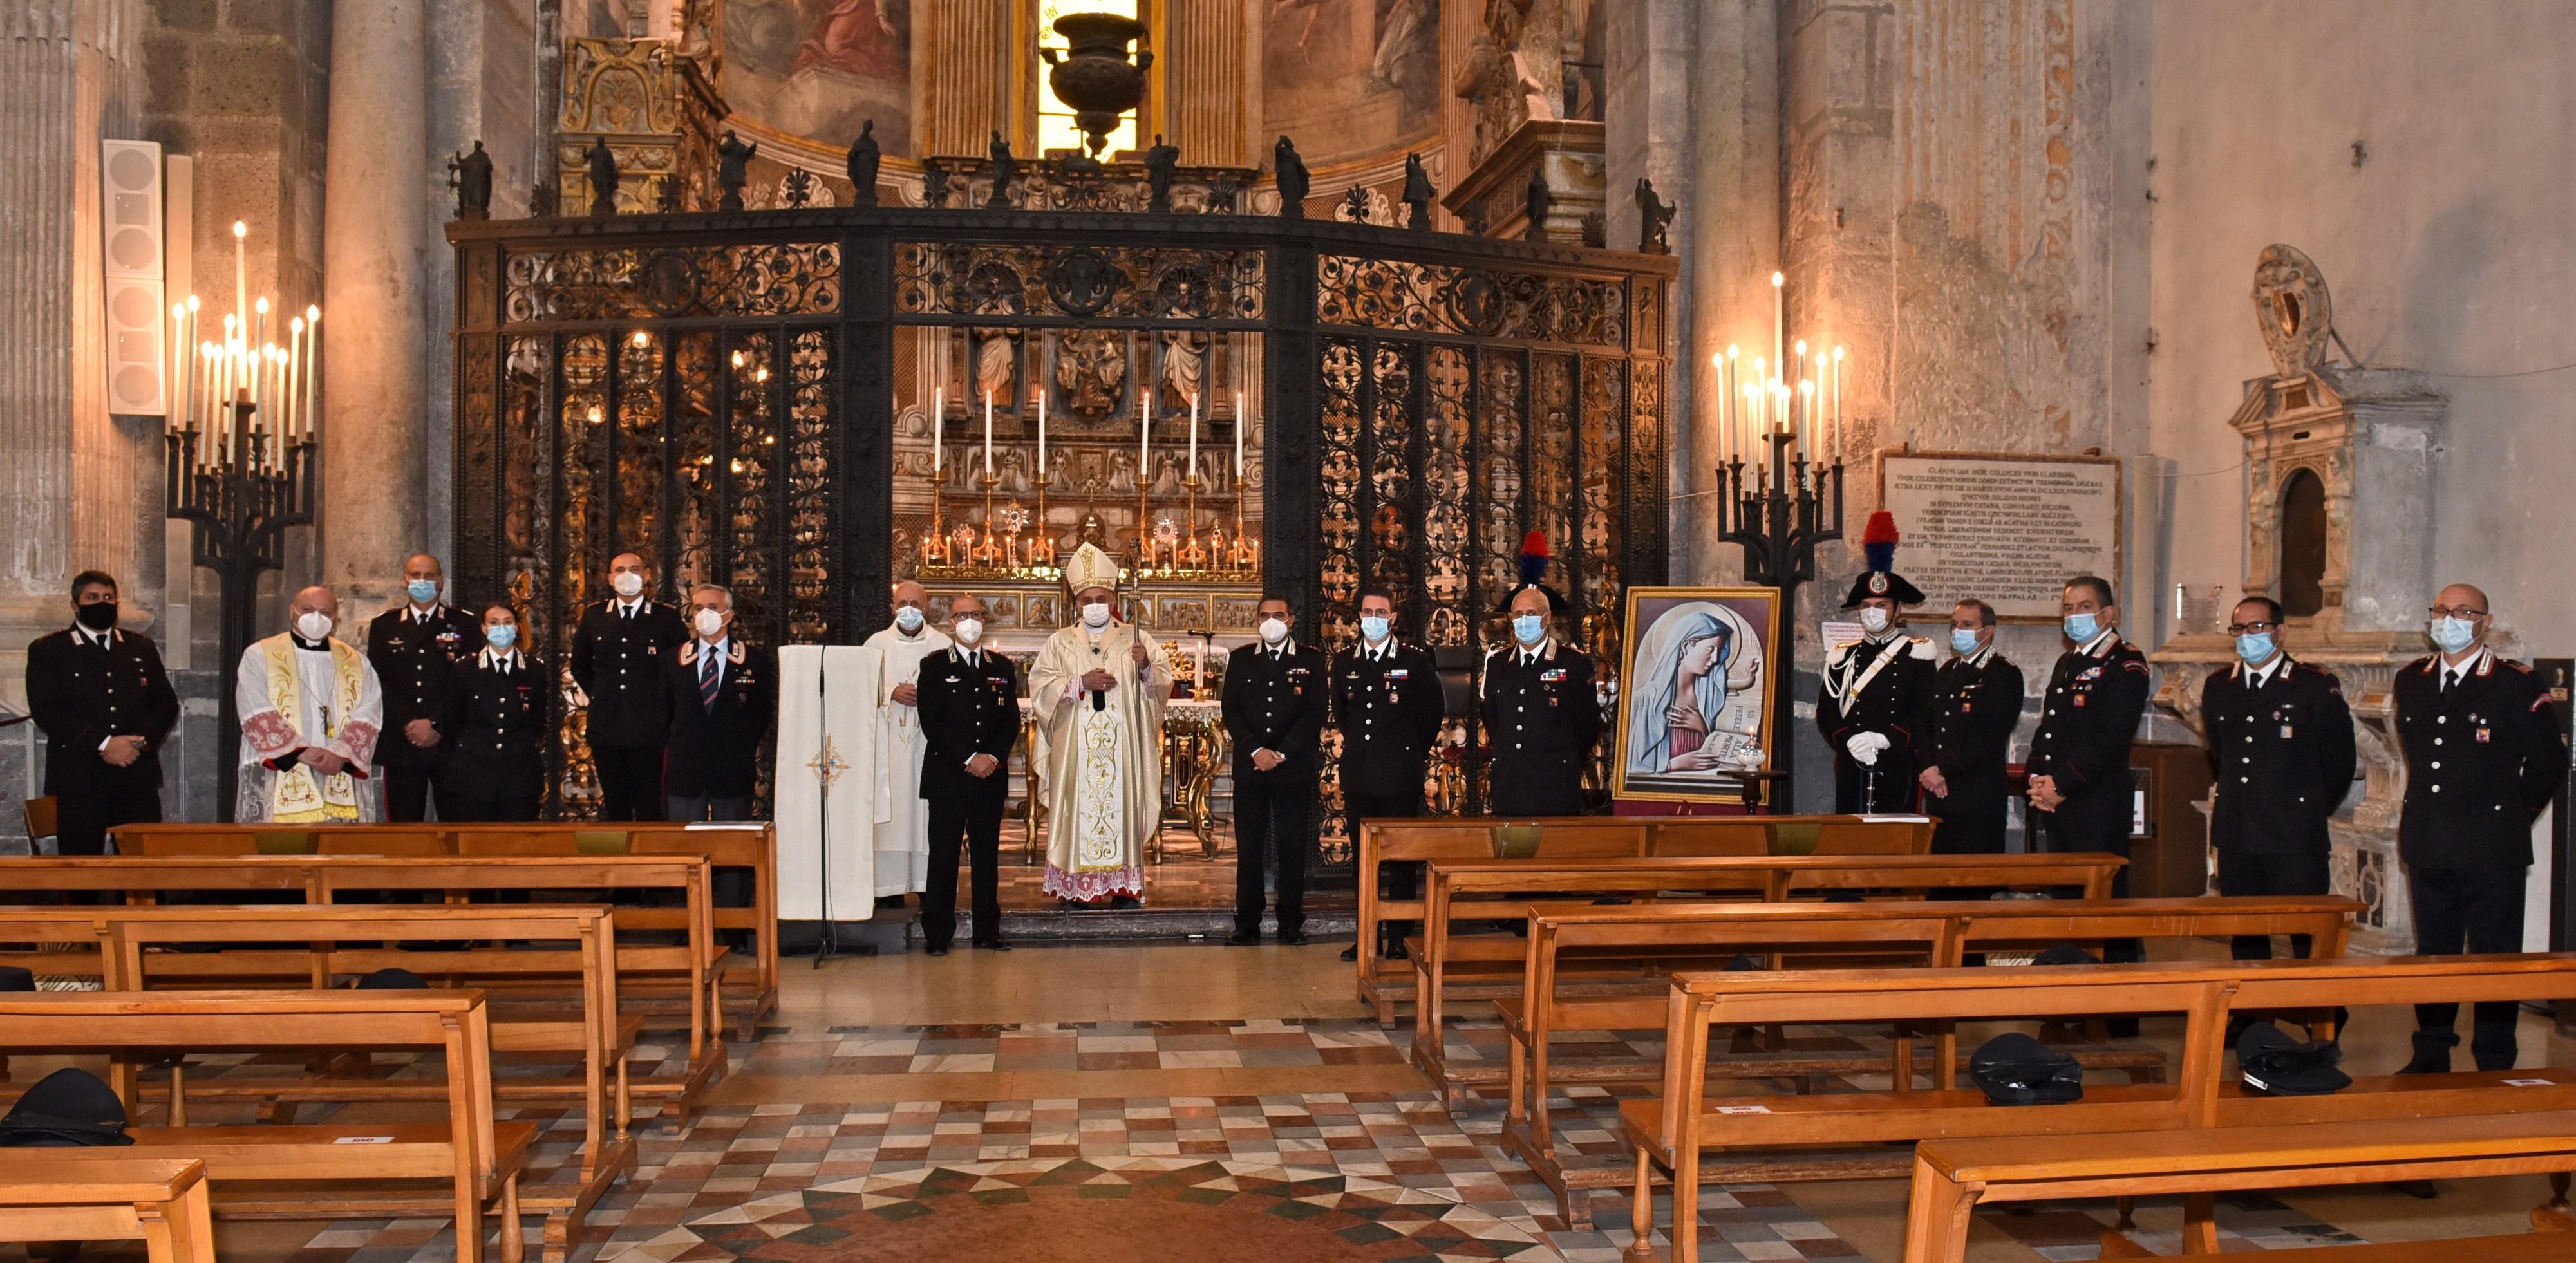 Sicilia, celebrata la Virgo Fidelis Patrona dell'Arma dei Carabinieri